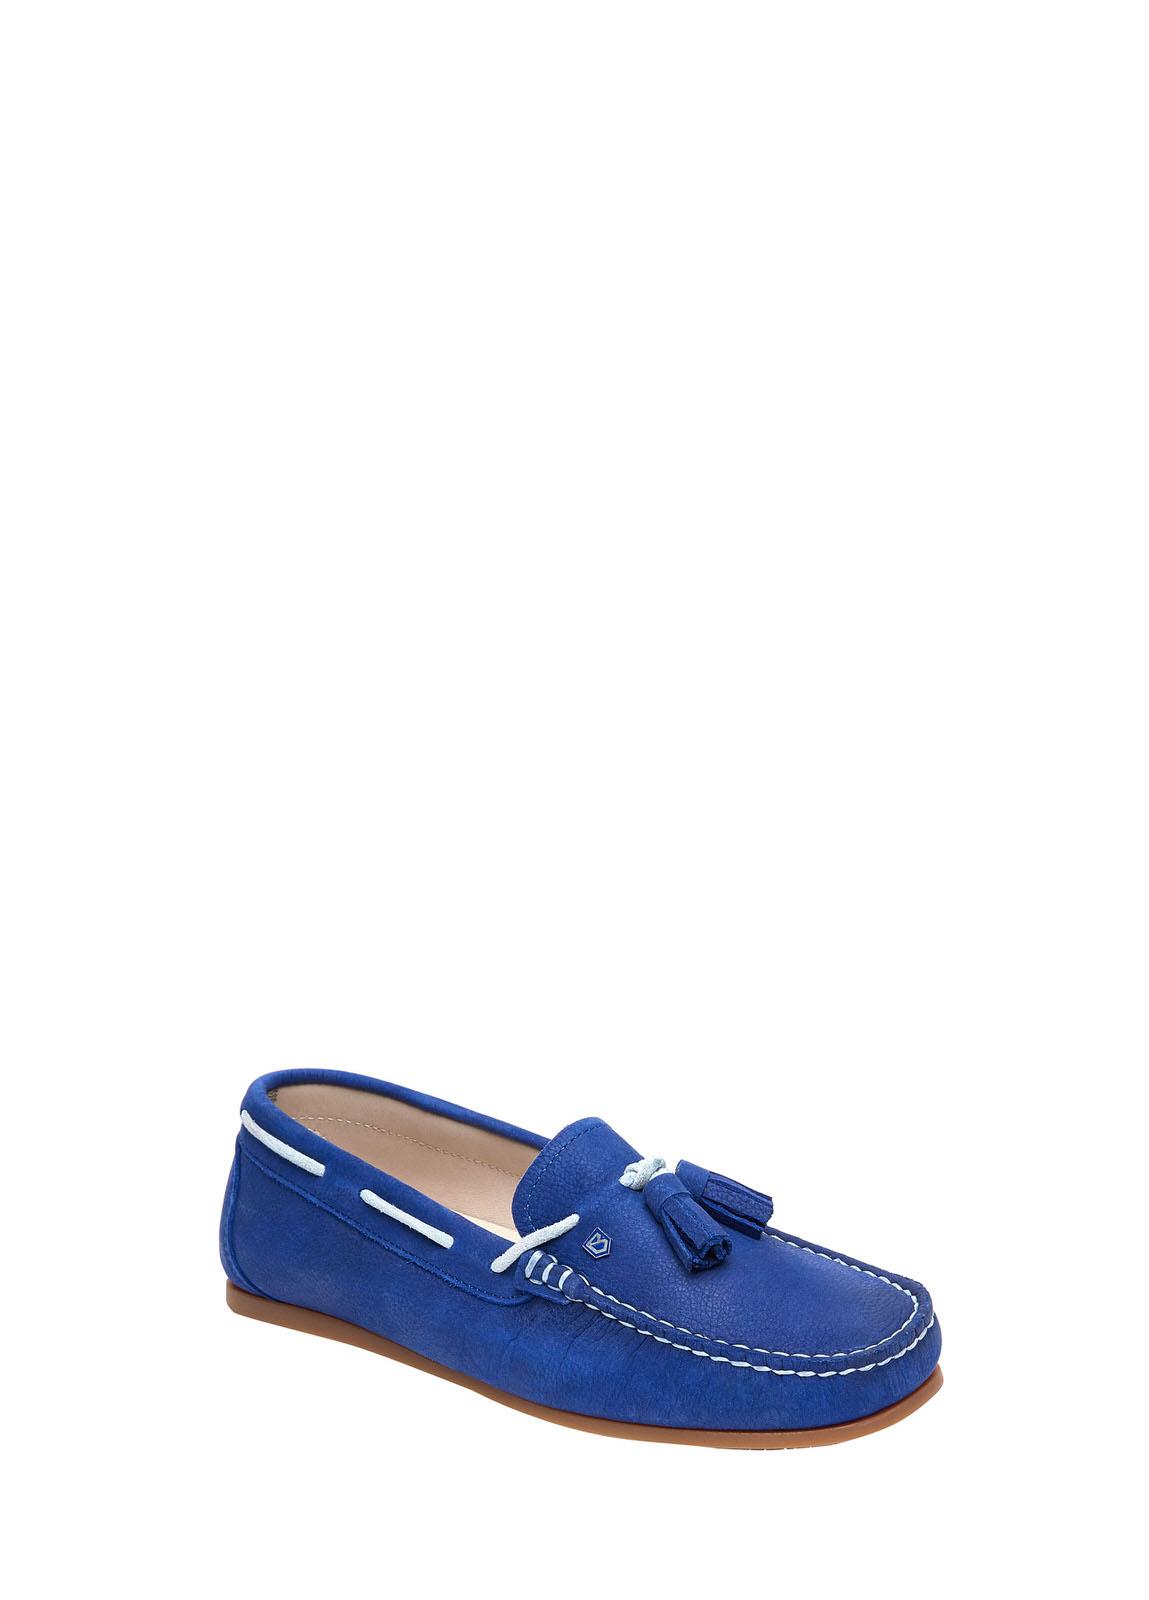 Jamaica Loafer - Cobalt